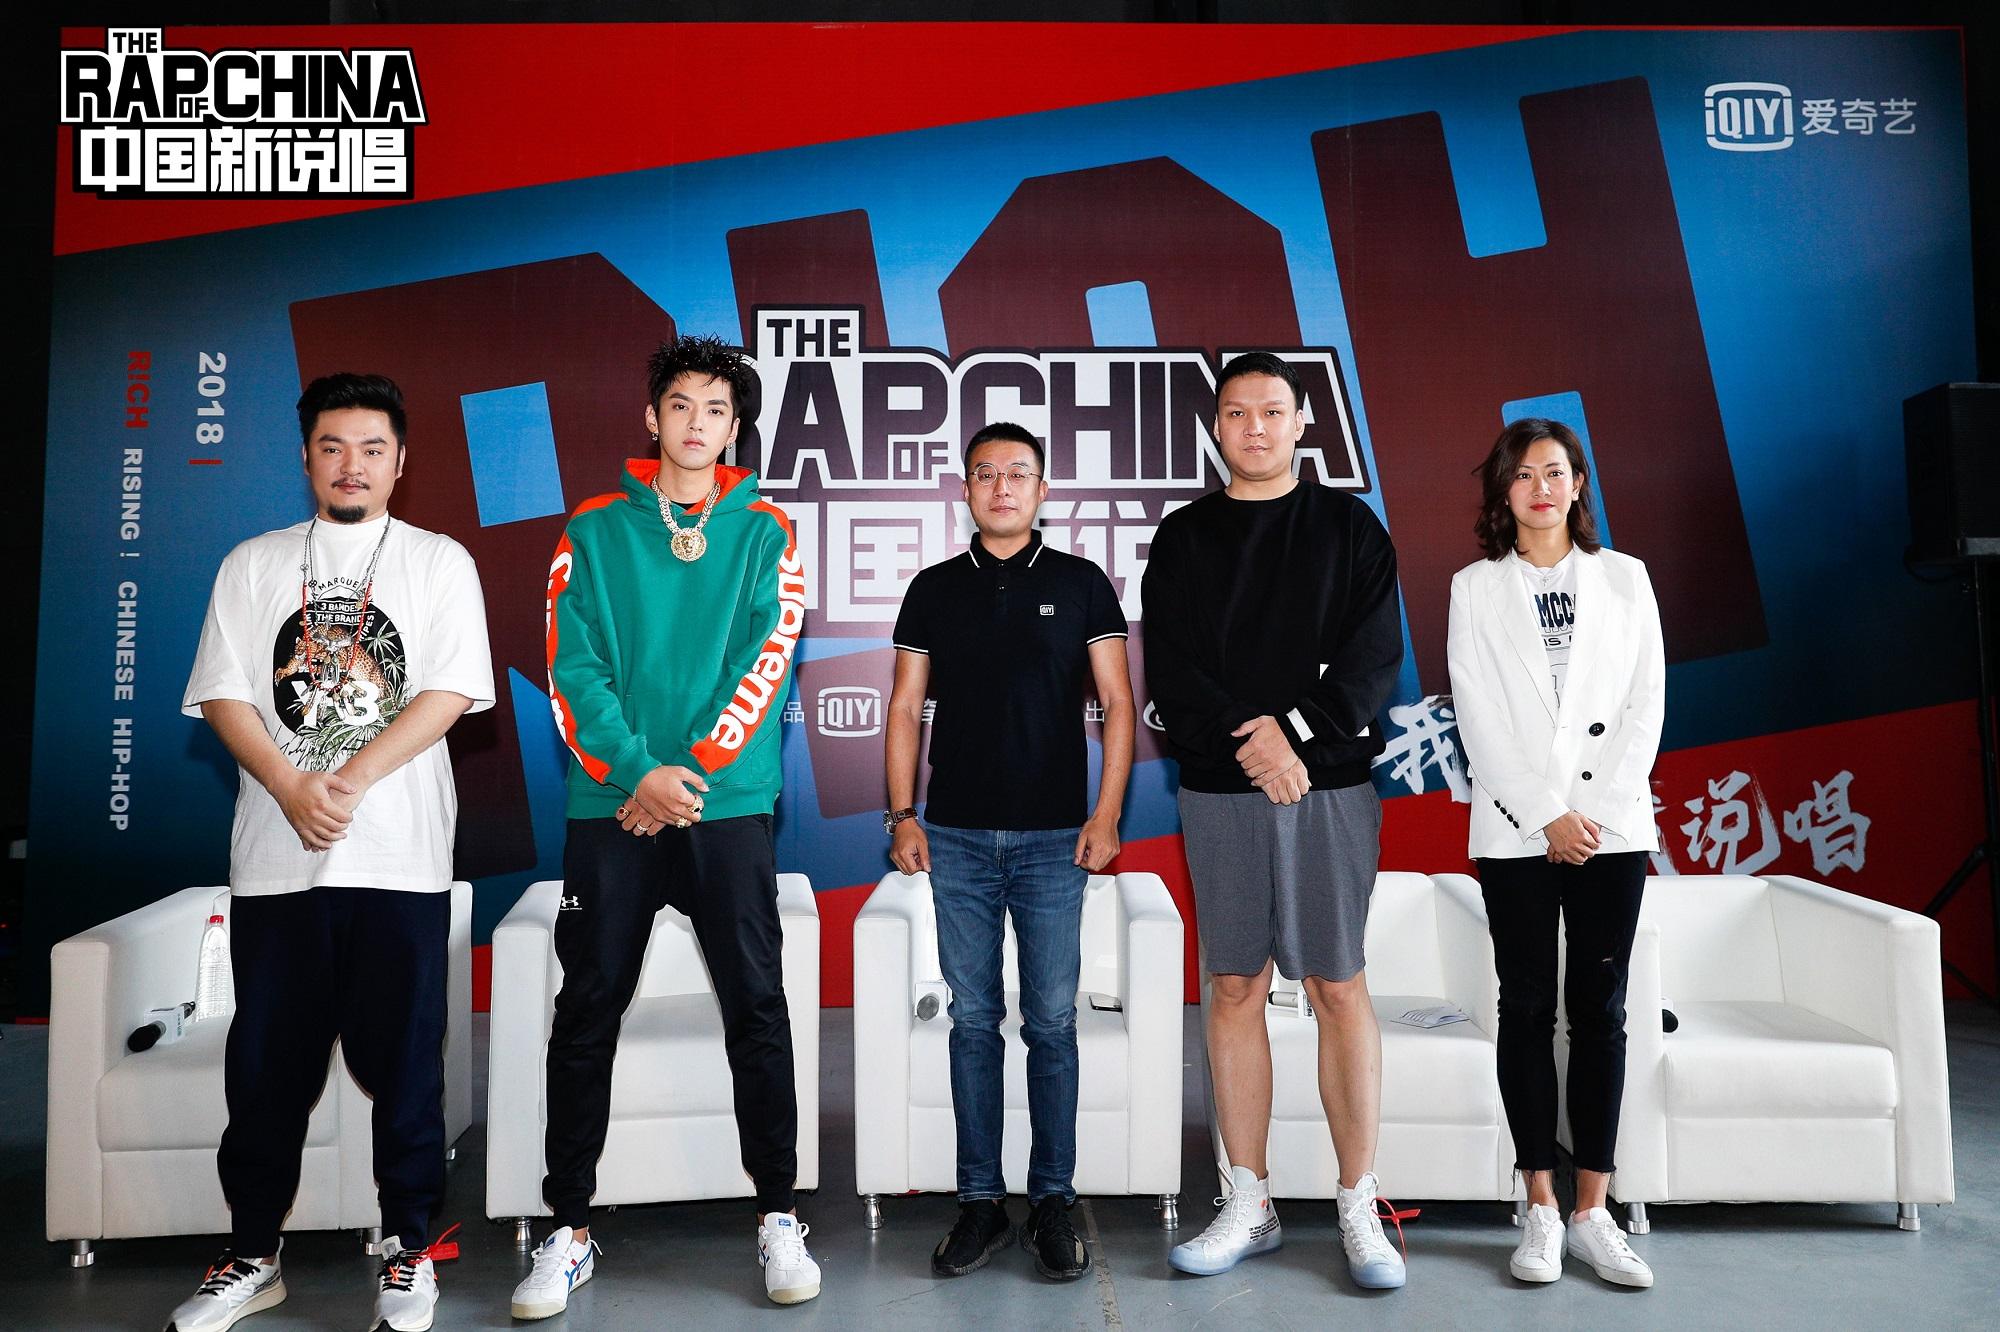 去创造不跟随 《中国新说唱》的青年文化爆款之路